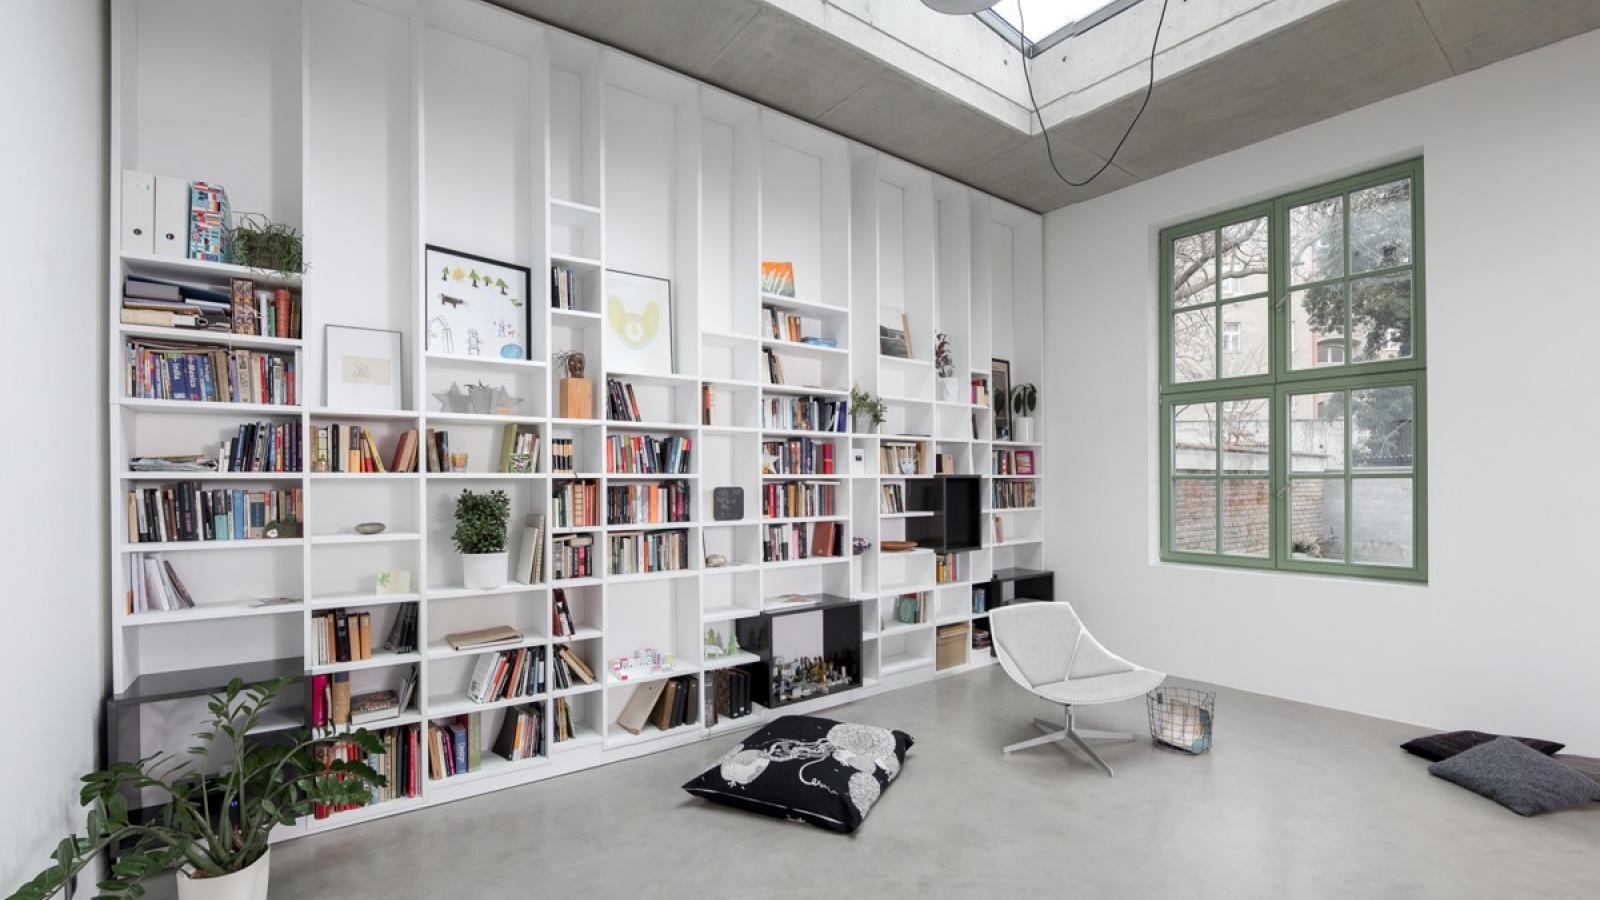 Mê mẩn với những ý tưởng thiết kế thư viện gia đình đầy sáng tạo